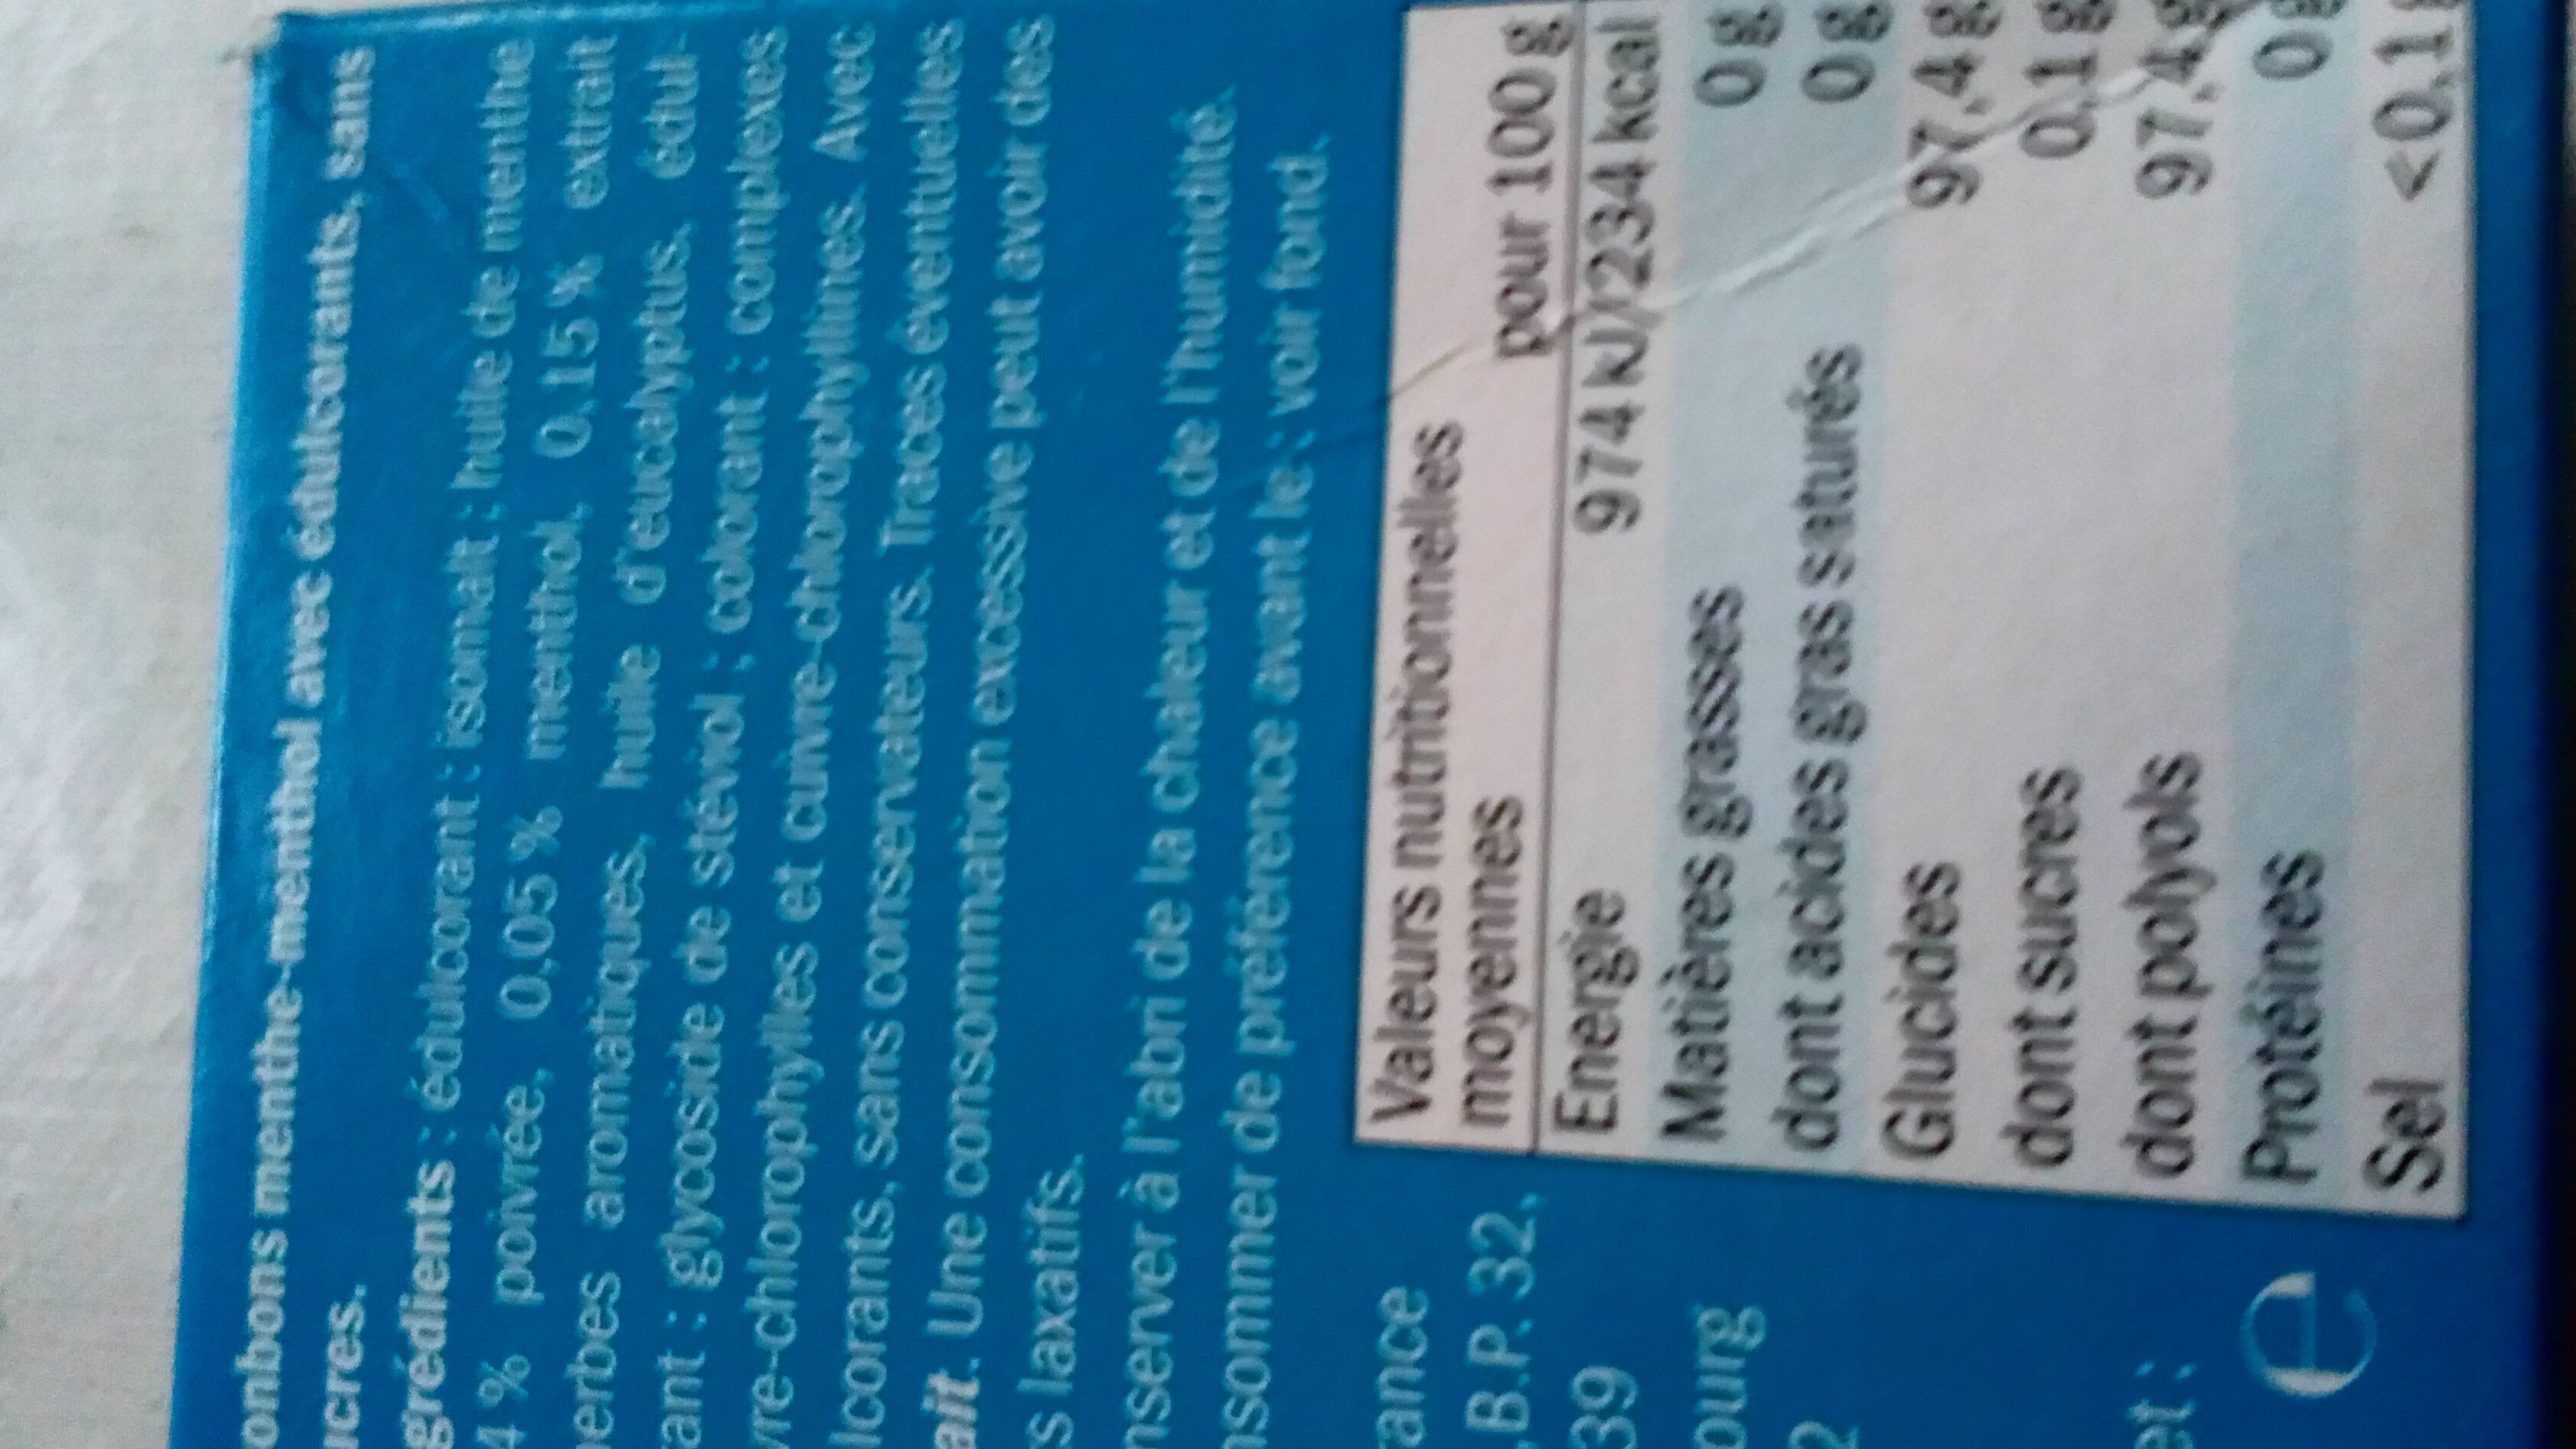 Bonbons Menthe & Menthol - Informations nutritionnelles